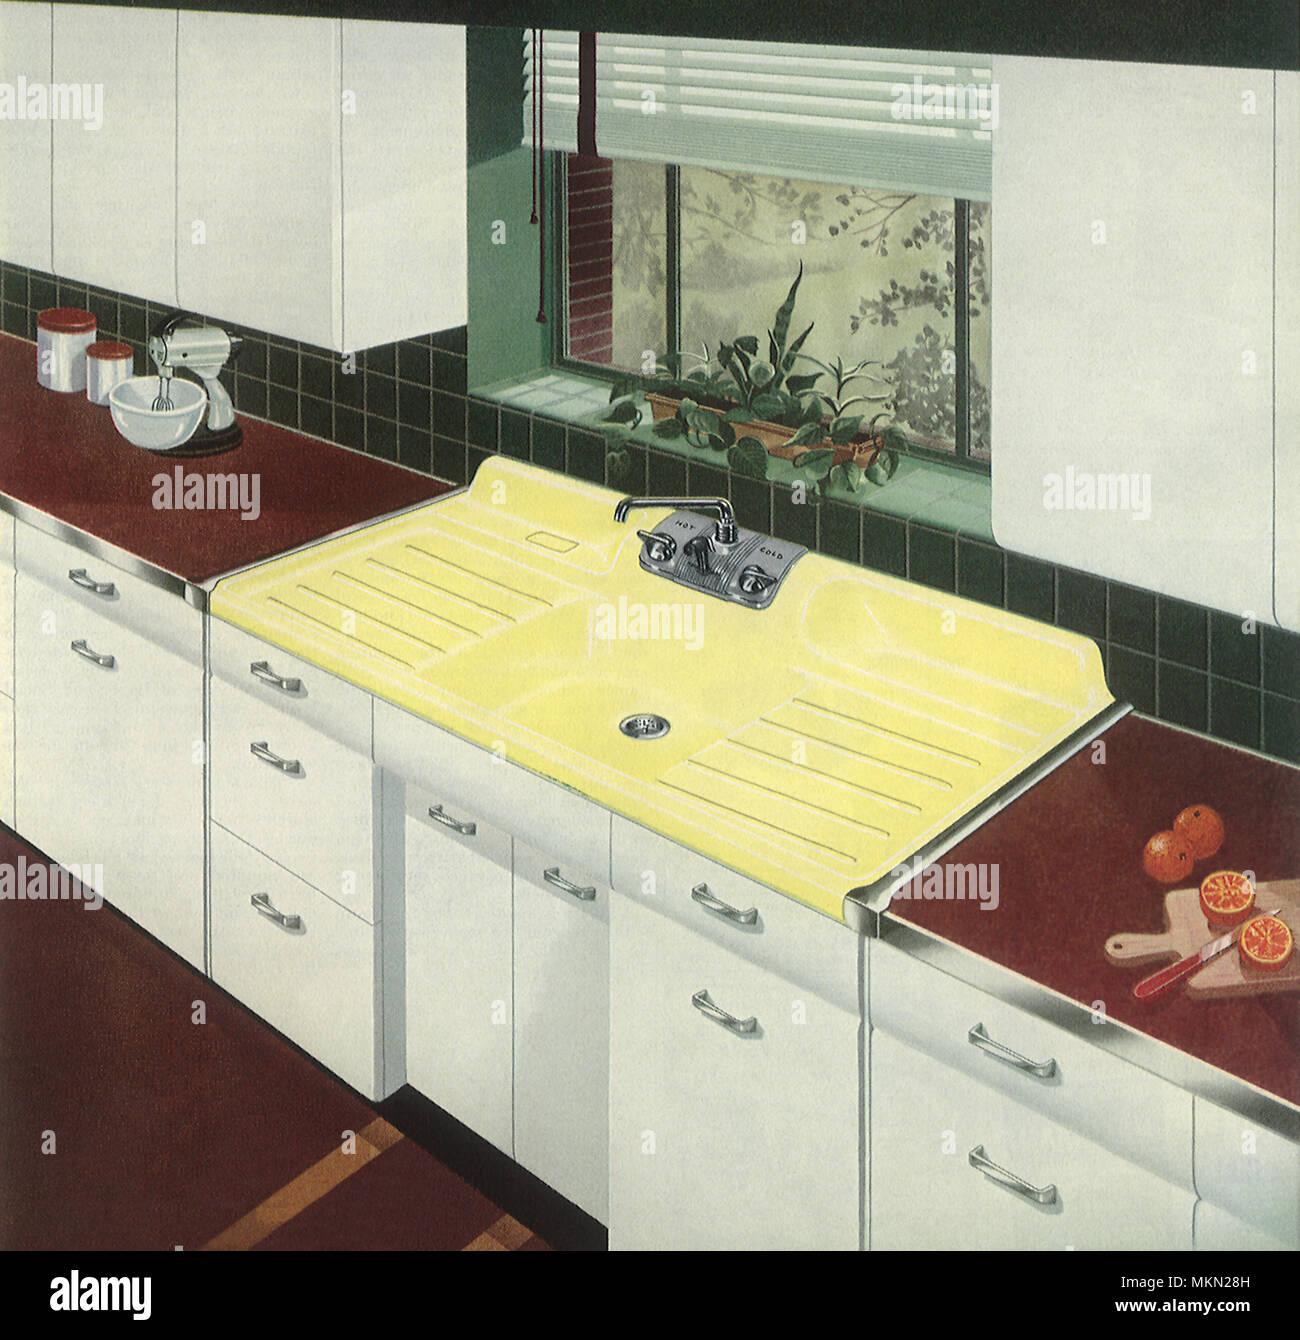 Cucina con lavandino in giallo foto immagine stock 184244945 alamy - Sifone lavandino cucina ...